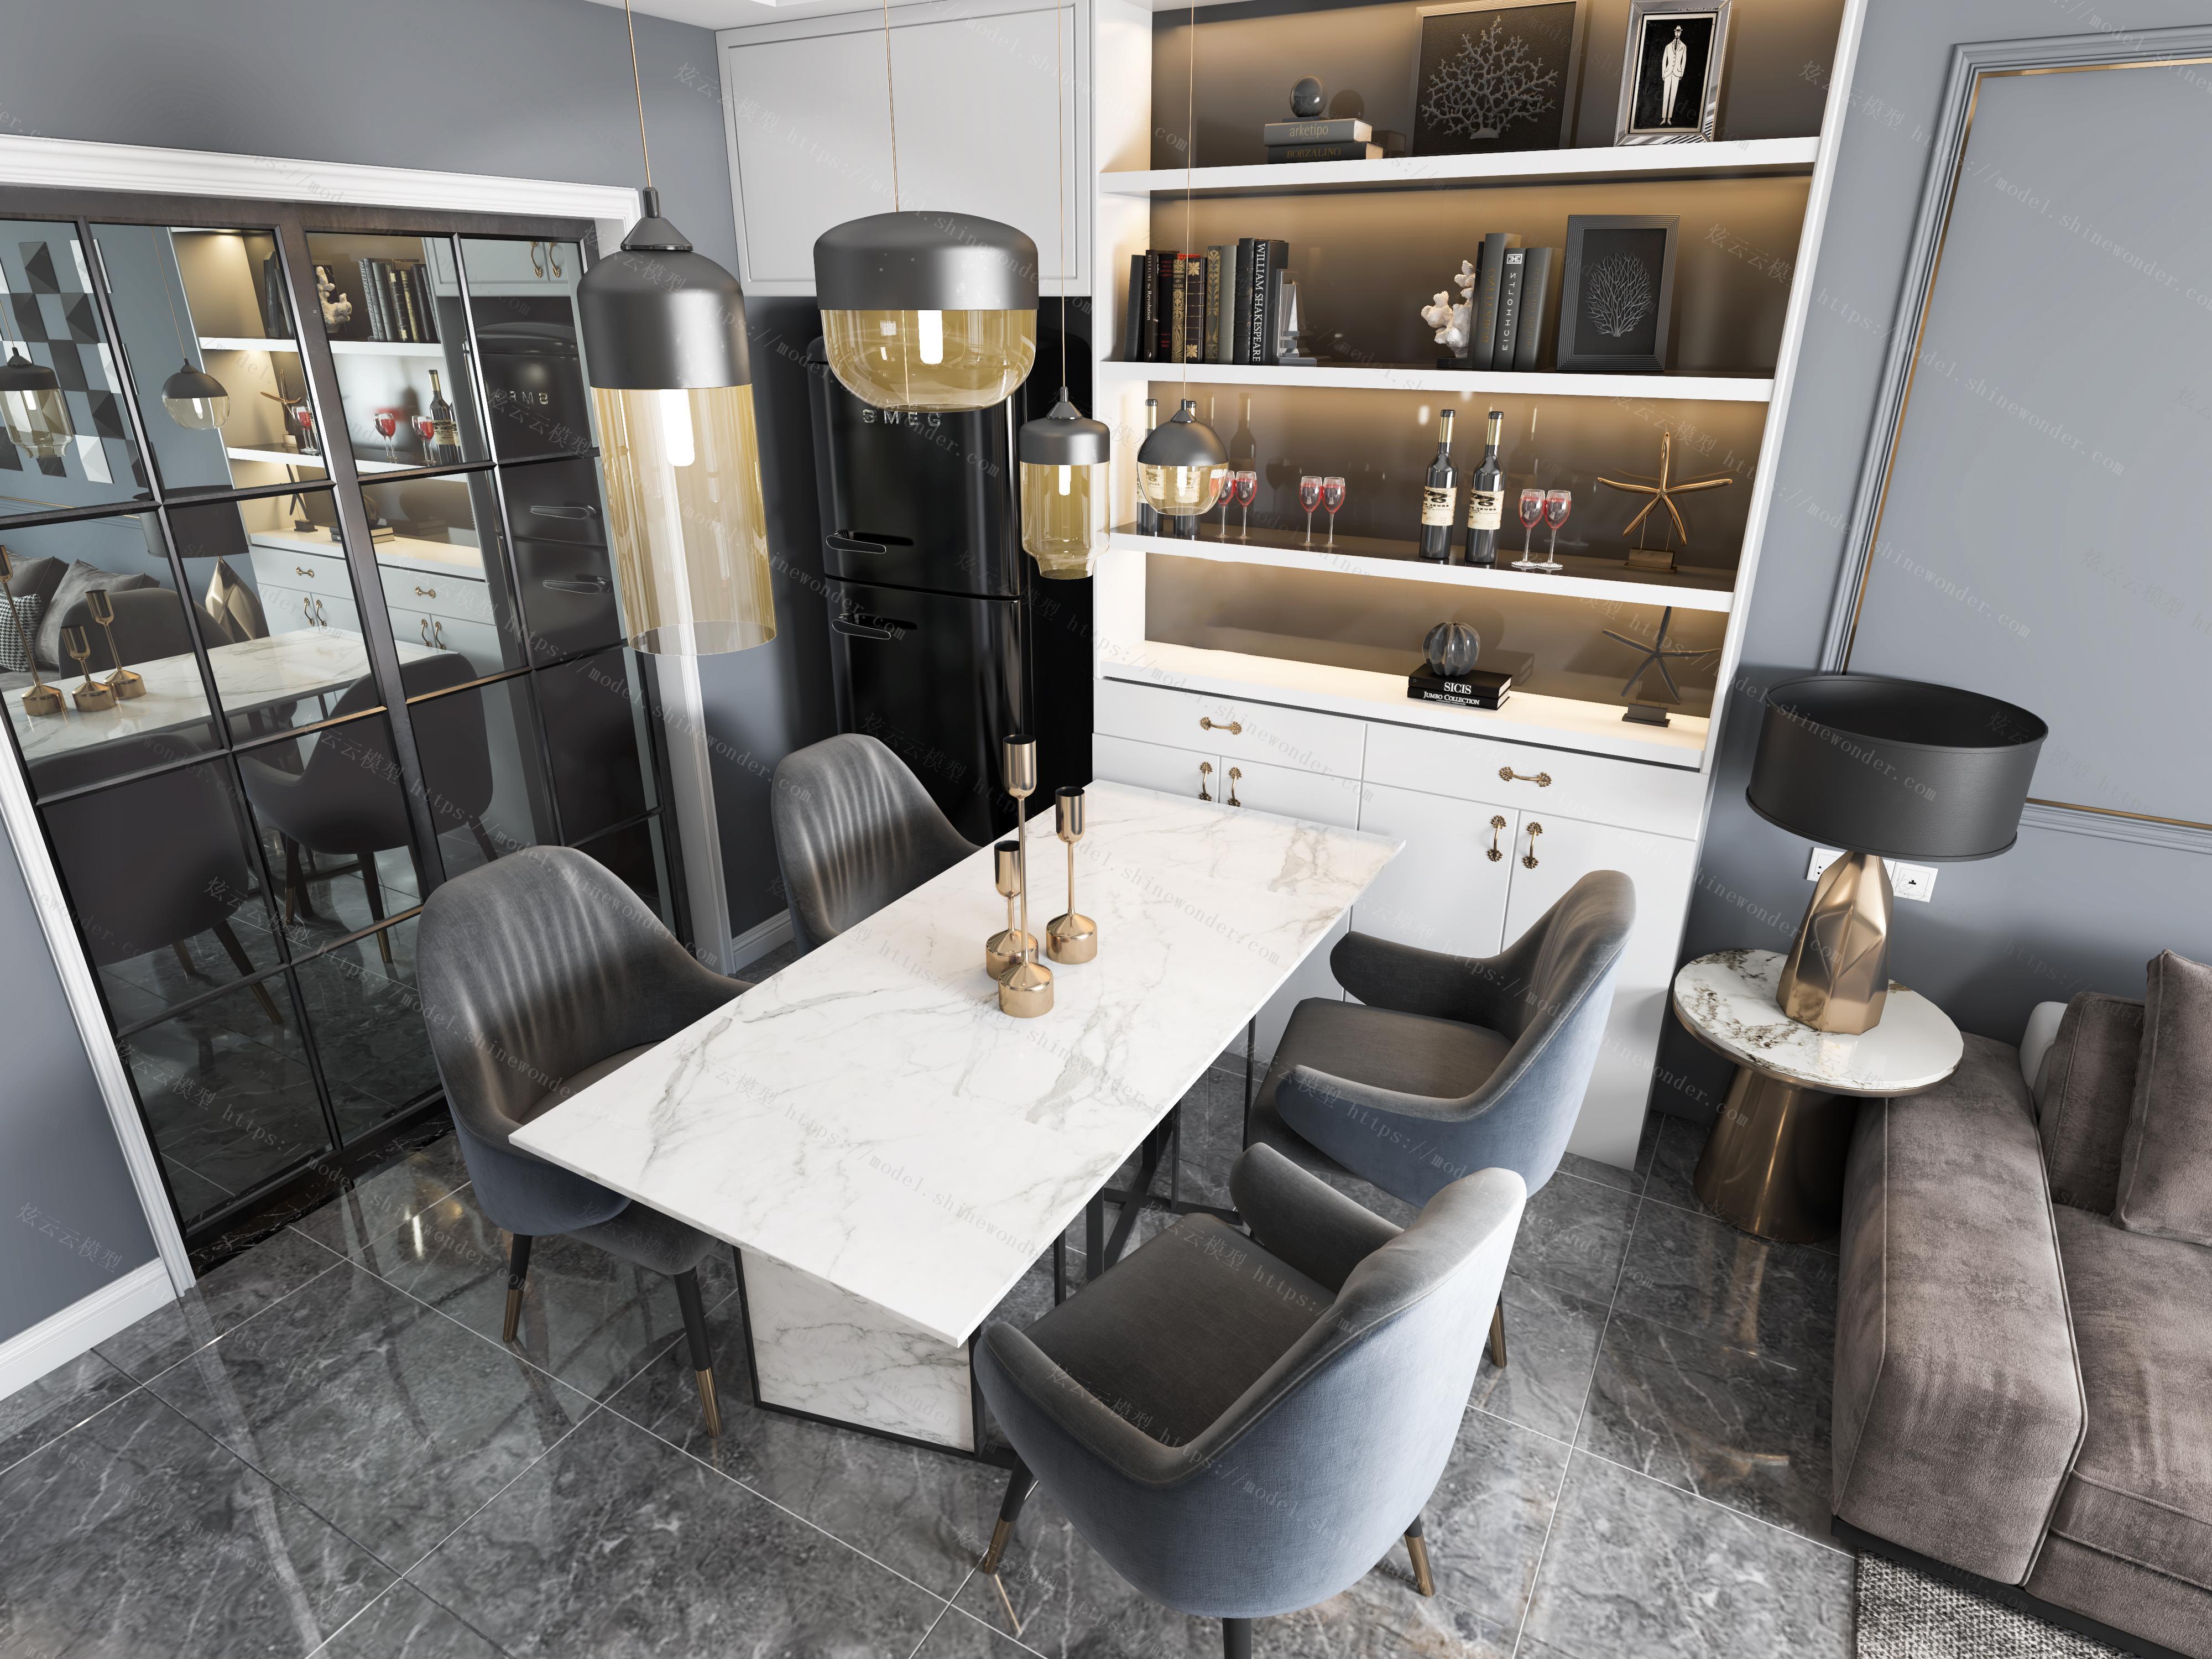 现代轻奢客餐厅全景模型